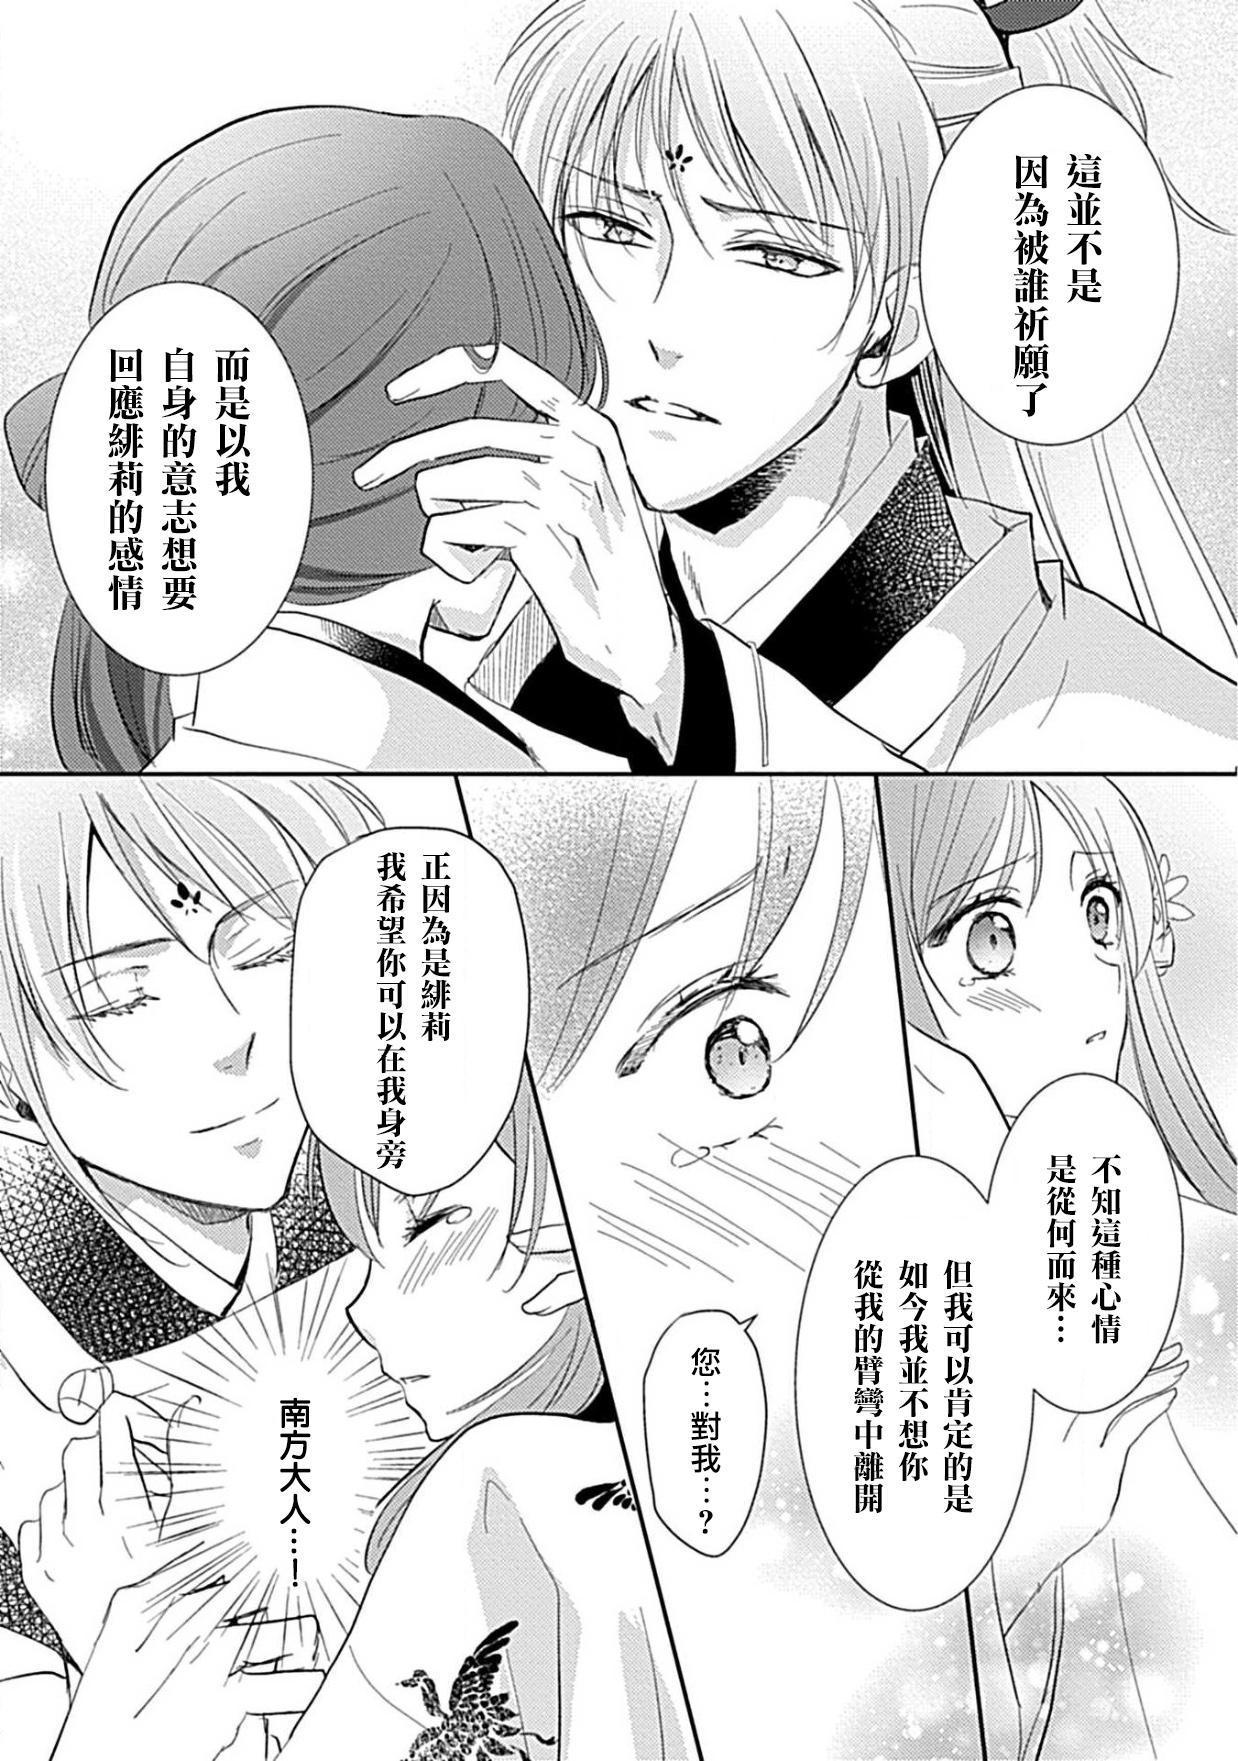 kyosei ranbu itoshi no kamisama ha amayaka ni osu deshita | 嬌聲亂舞 深愛的神明大人甜寵且英勇 31